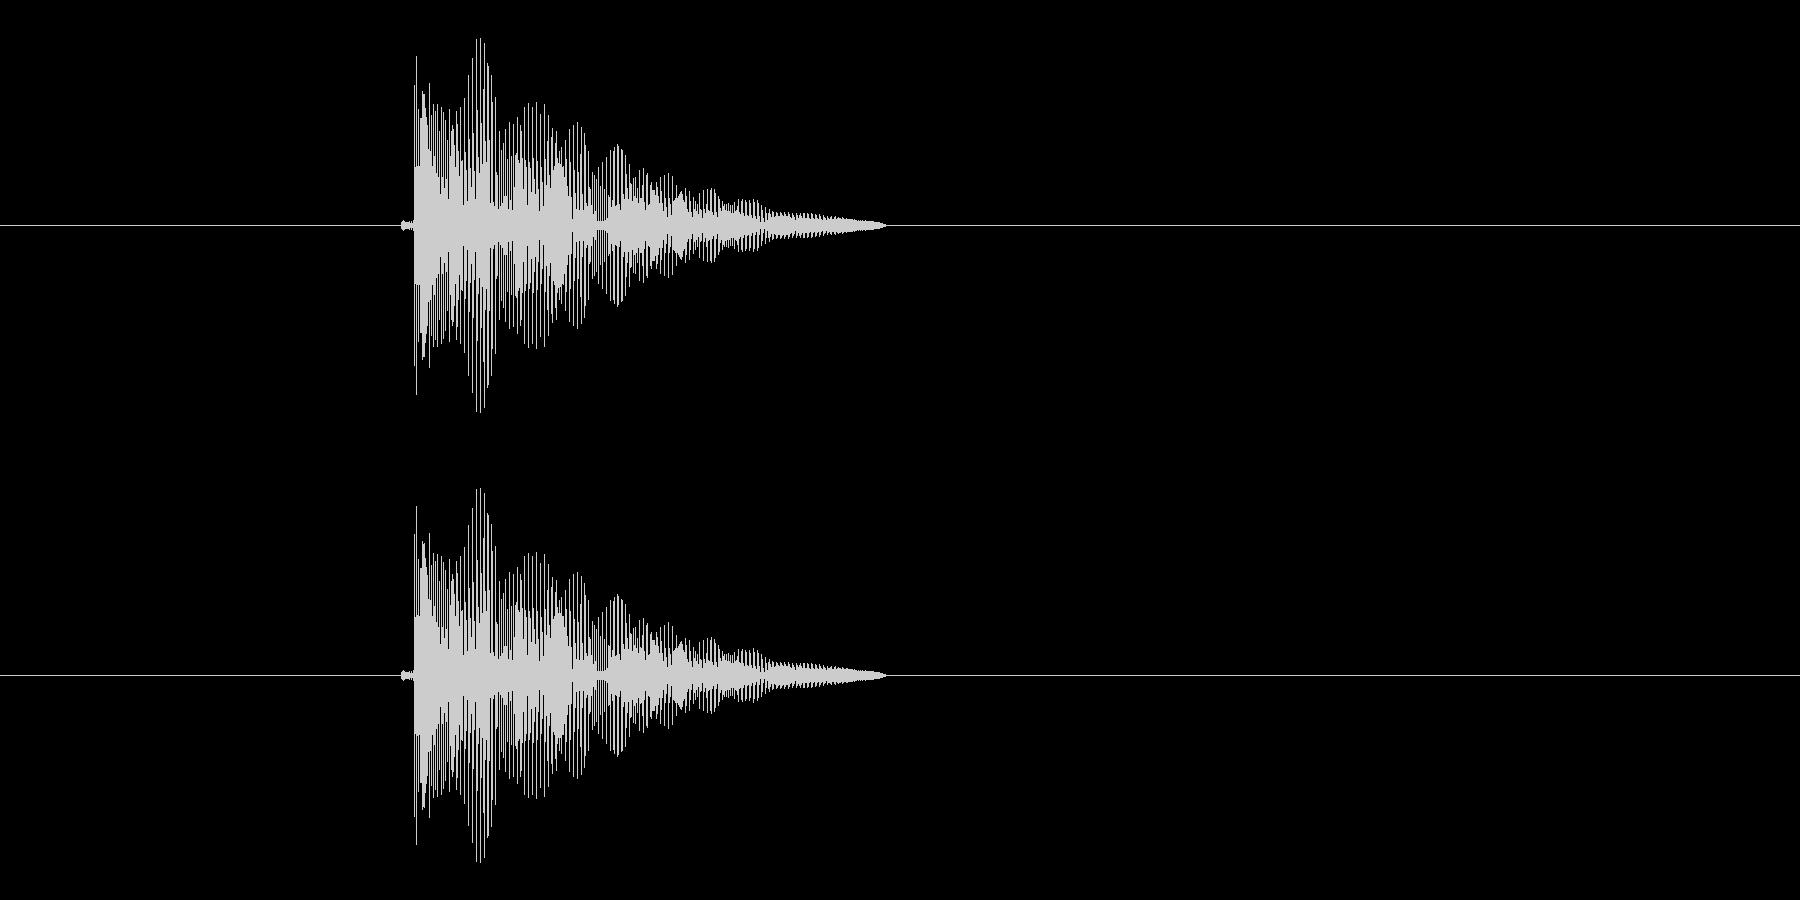 ピヨヨーン(クリック音、飛び跳ね音)の未再生の波形